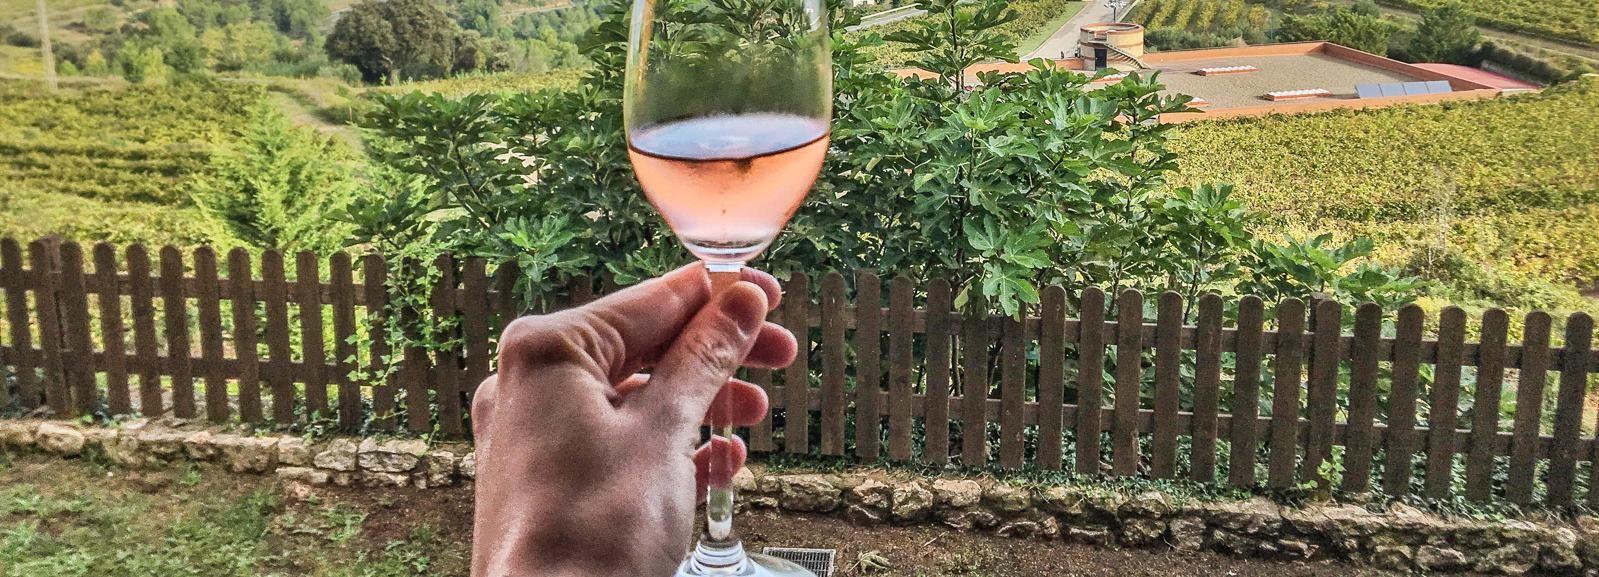 Barcelone: excursion d'une journée à Montserrat avec déjeuner et vin